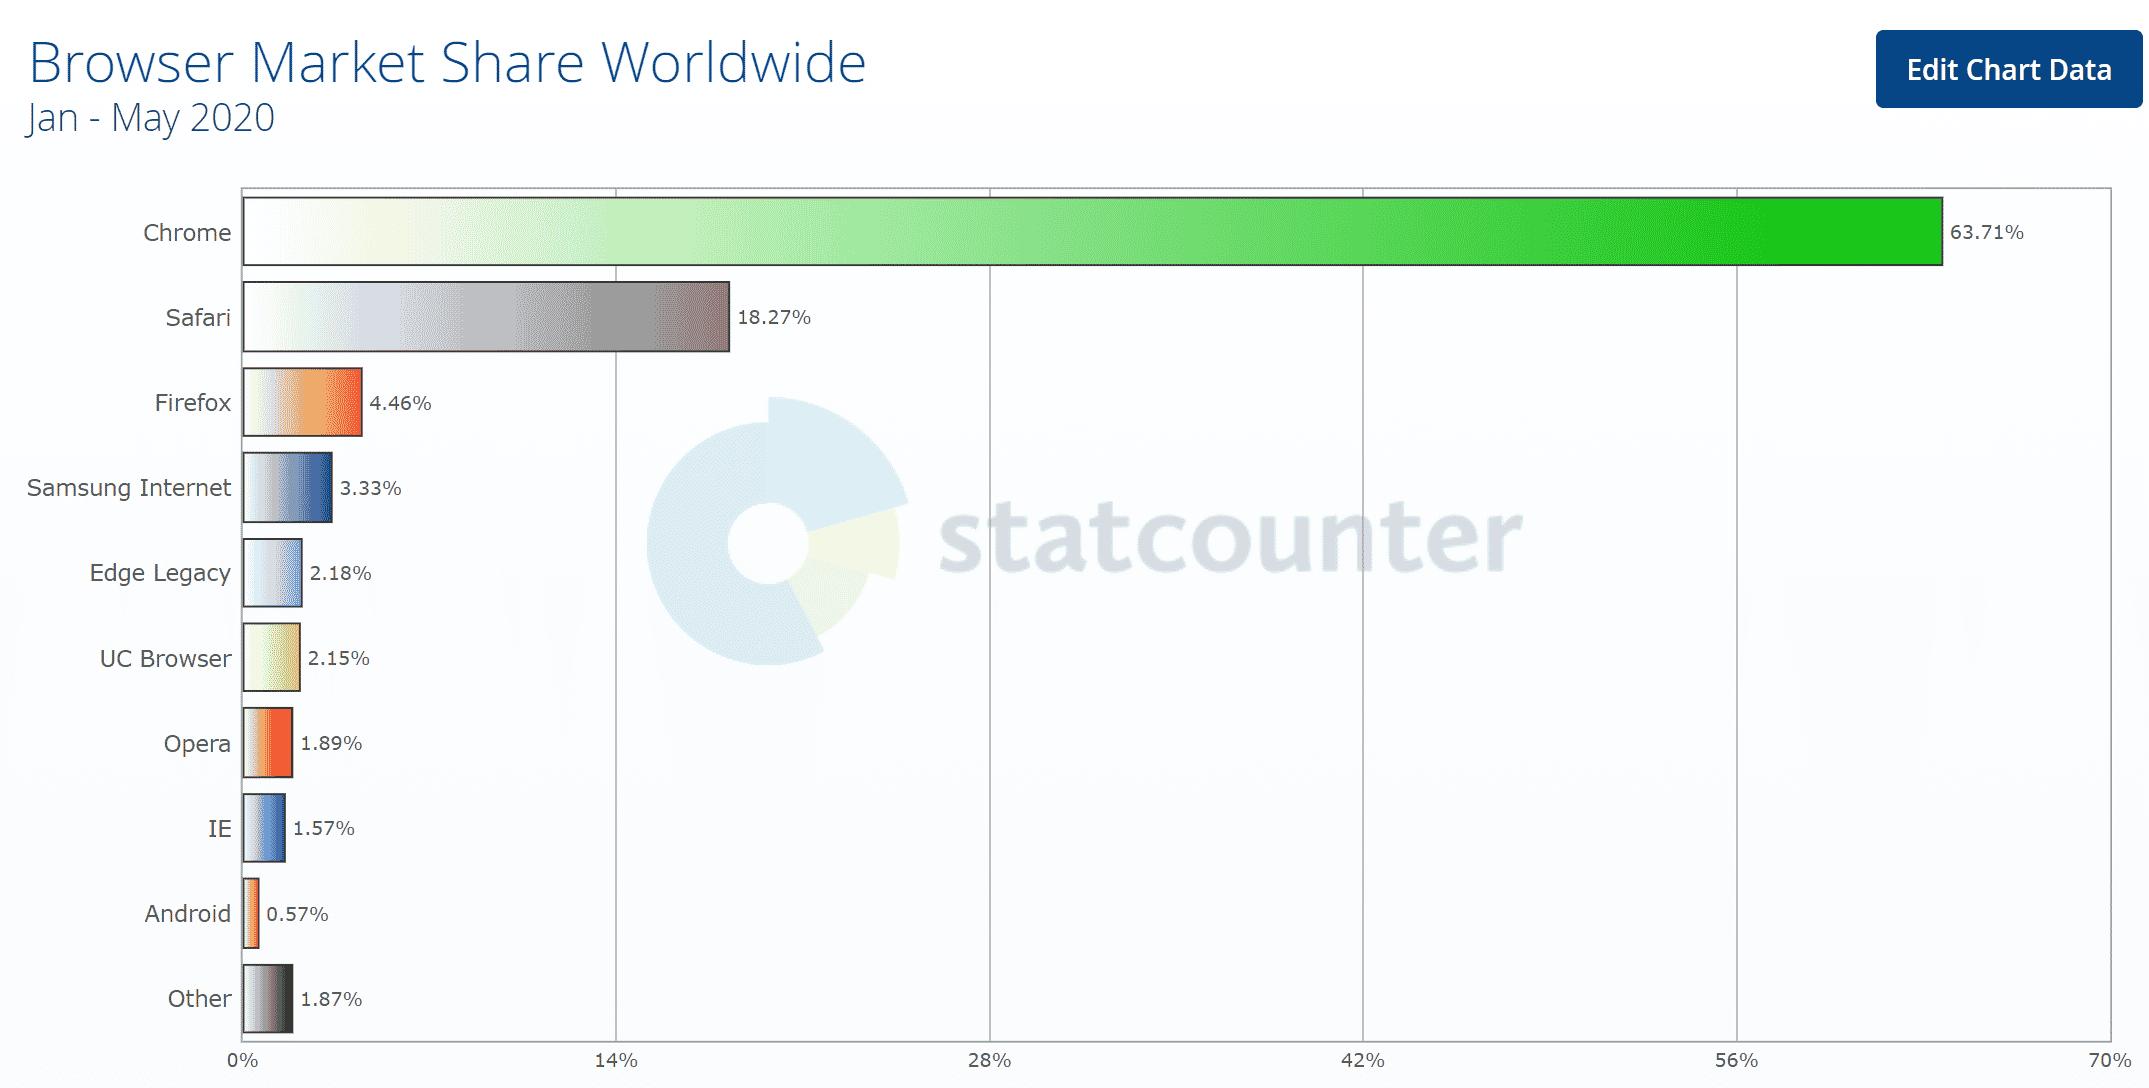 Part de marché des principaux navigateurs dans le Monde - Stacounter 2020